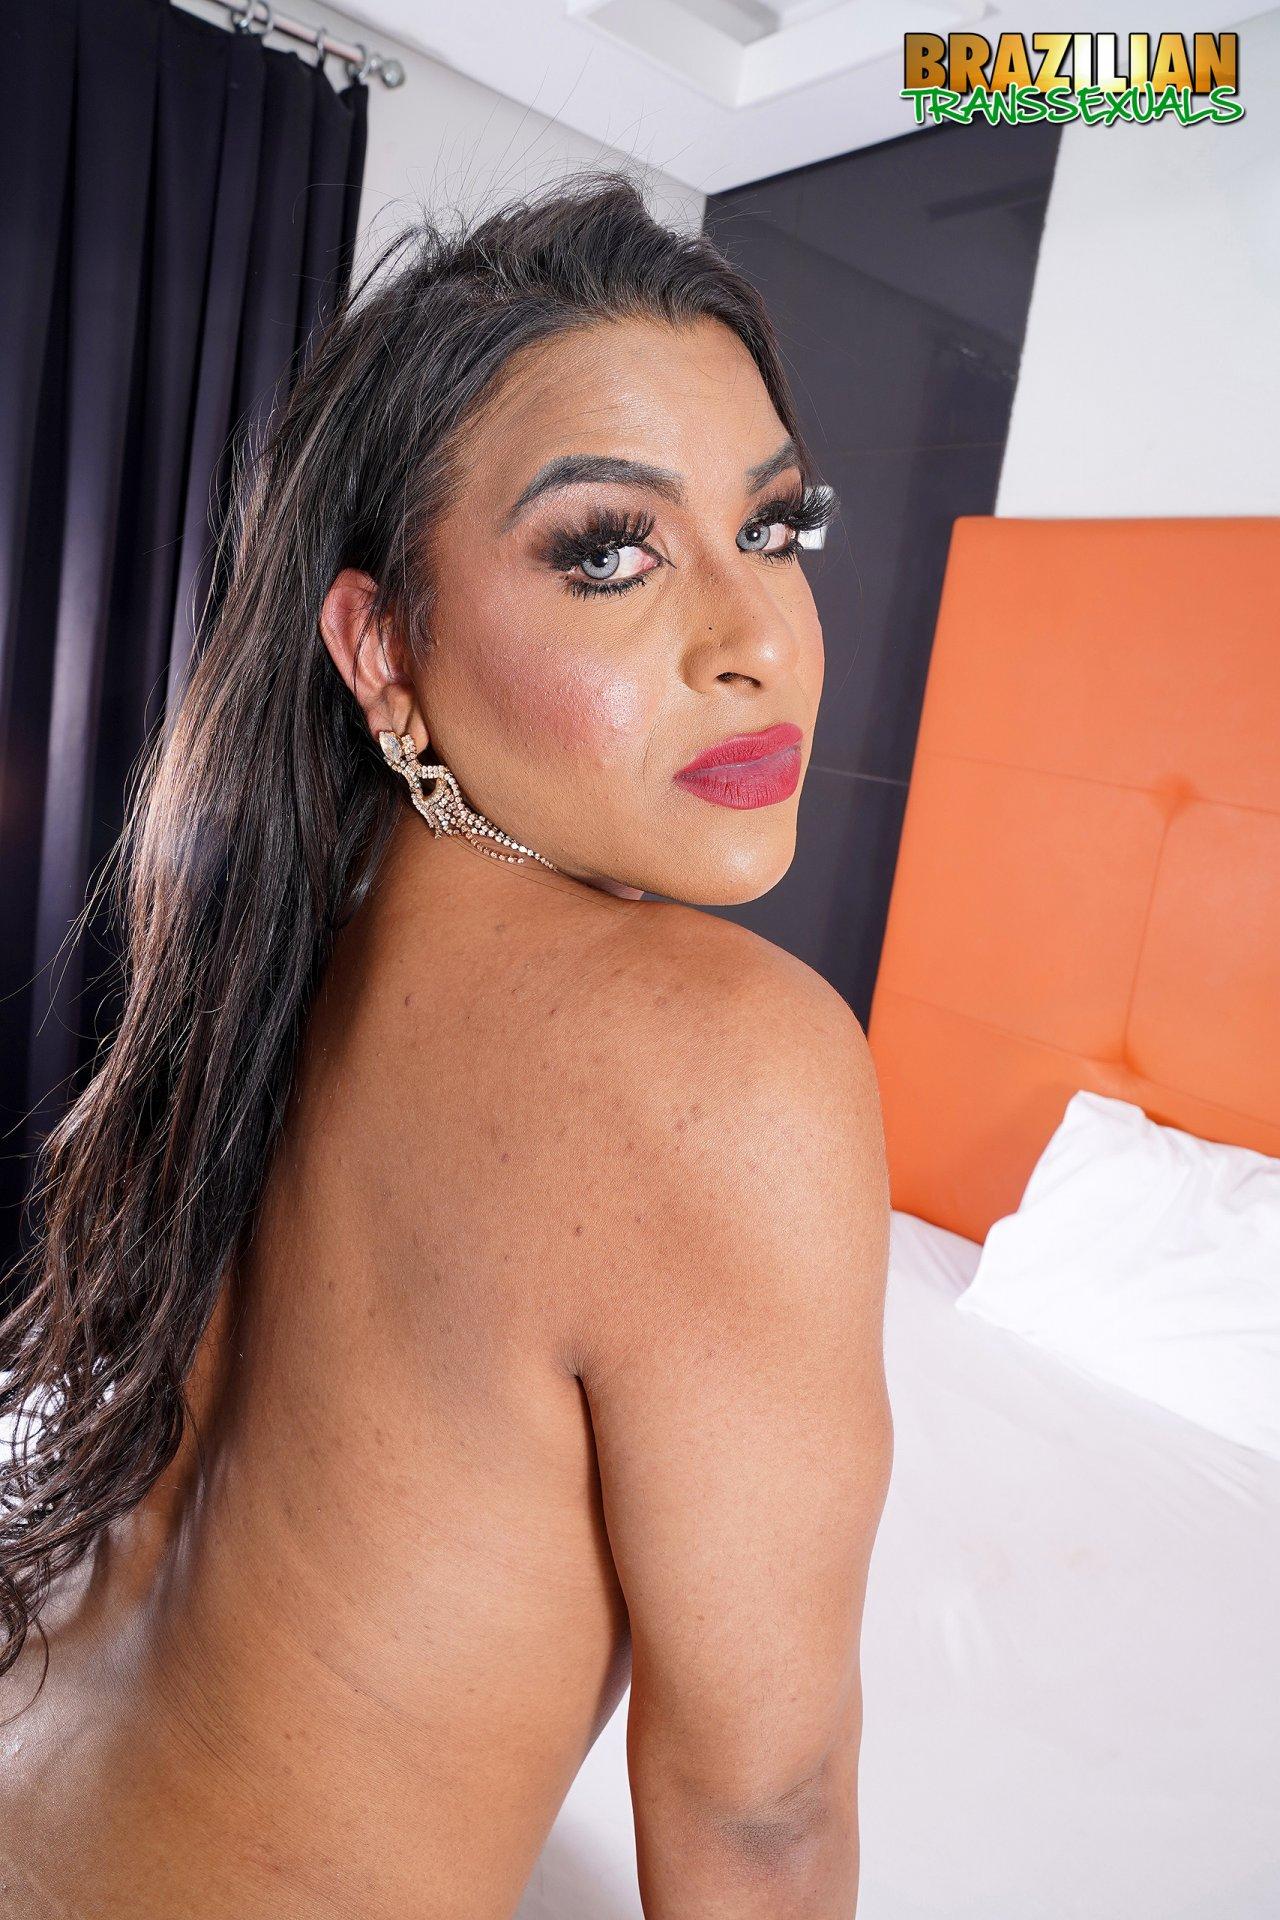 Lunna Victoria Gozando (3)